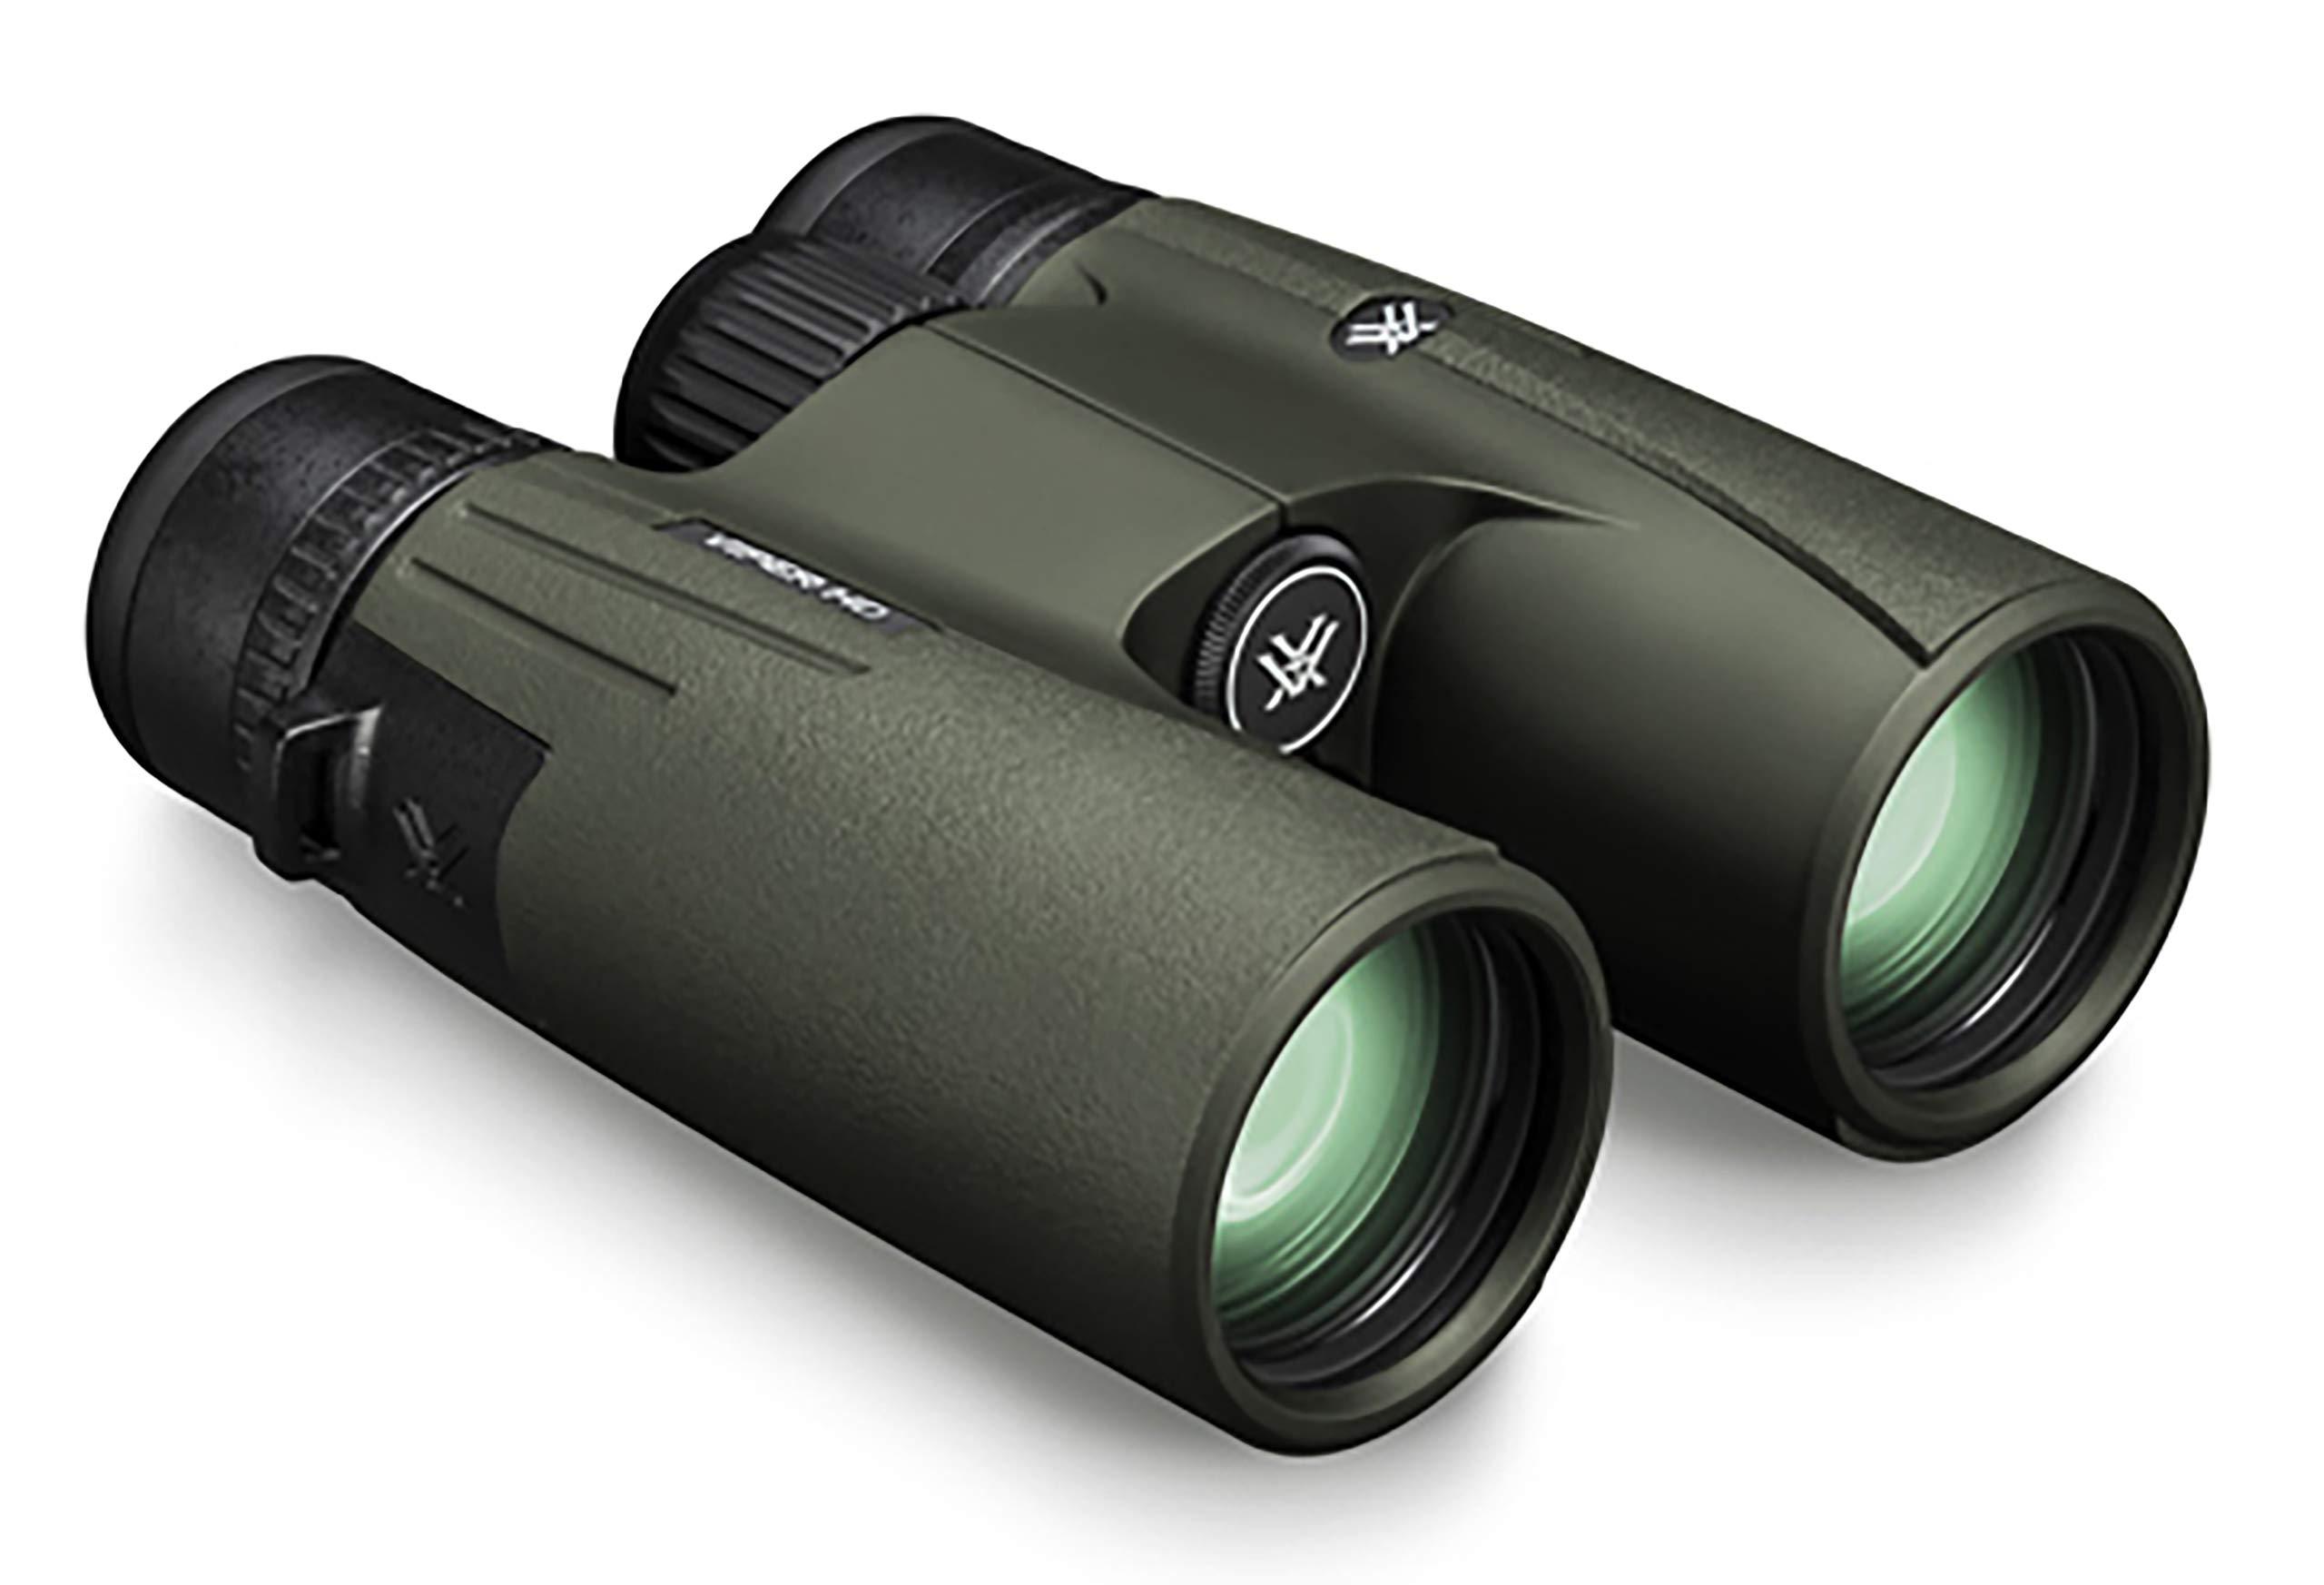 Vortex Optics Viper HD Roof Prism Binoculars 8x42 by Vortex